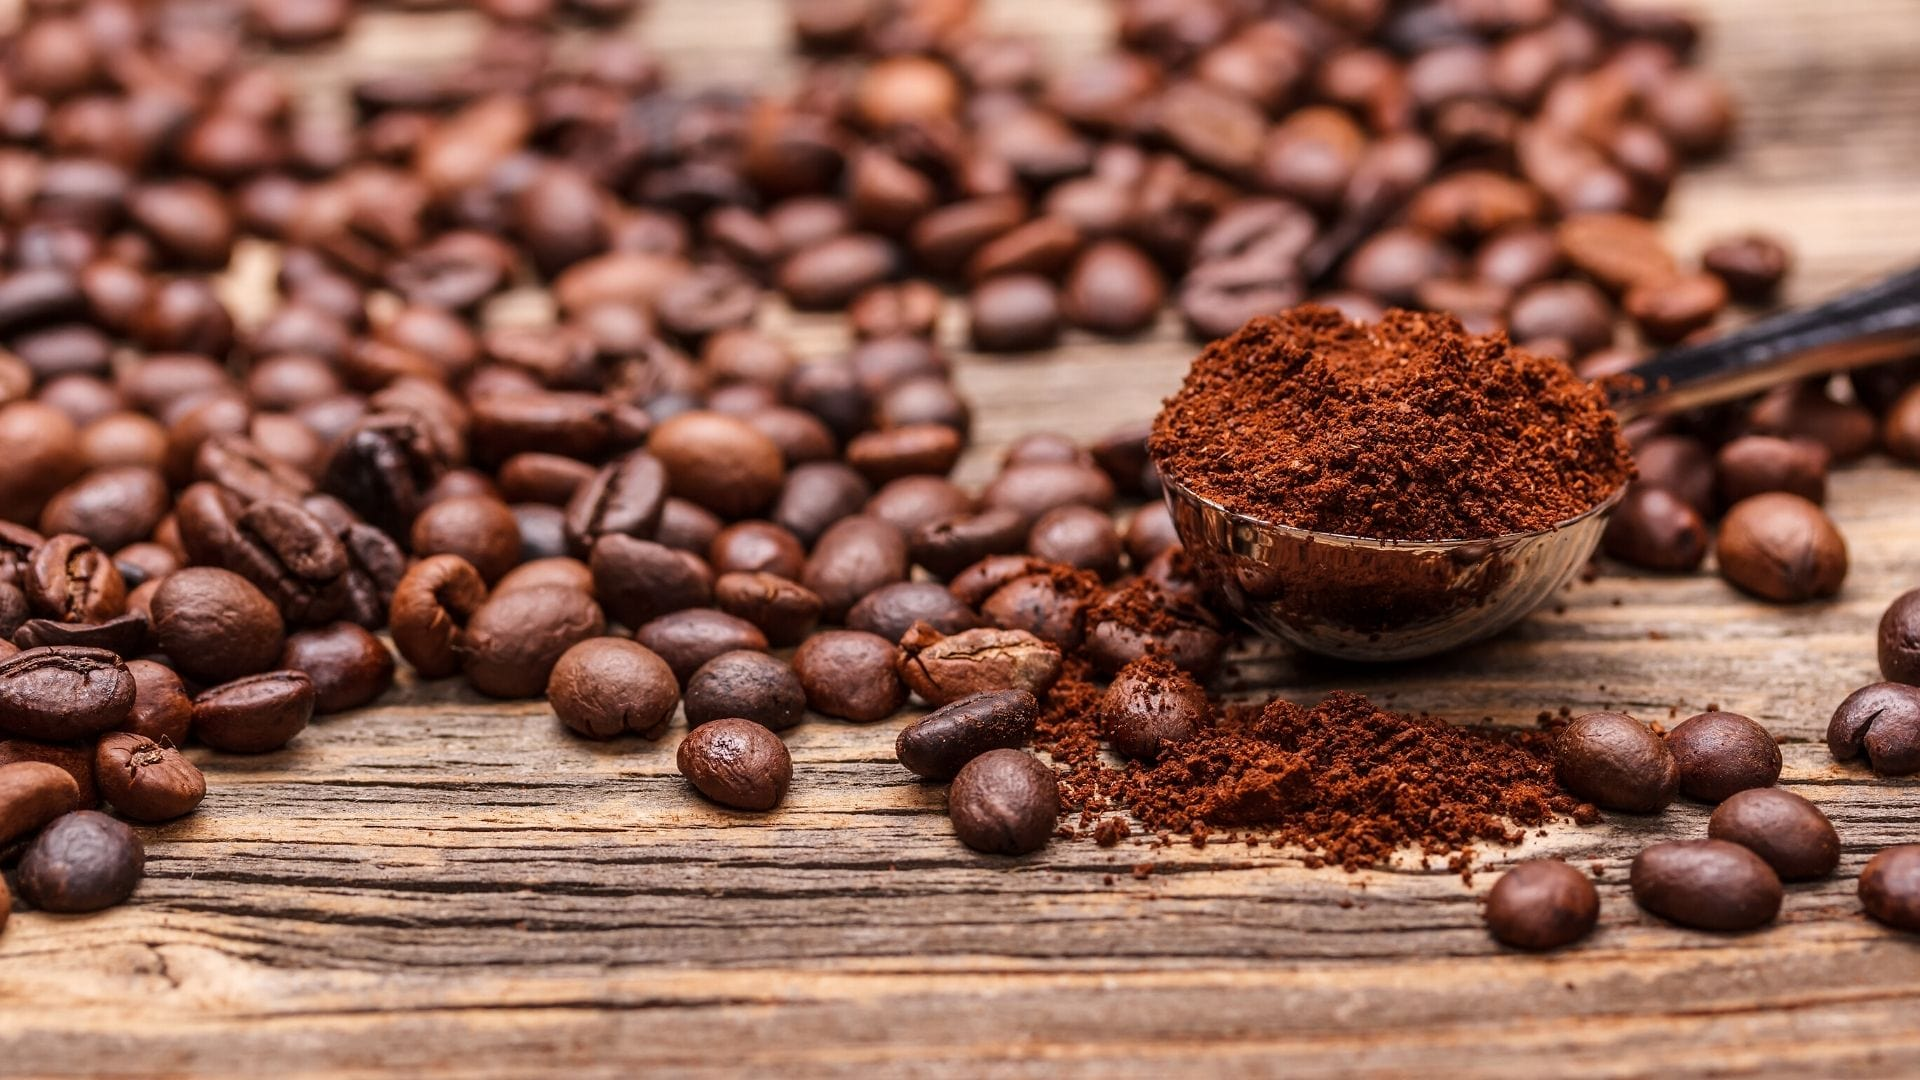 Guter Kaffee - Woran erkennt man ihn? - Hallo wach!